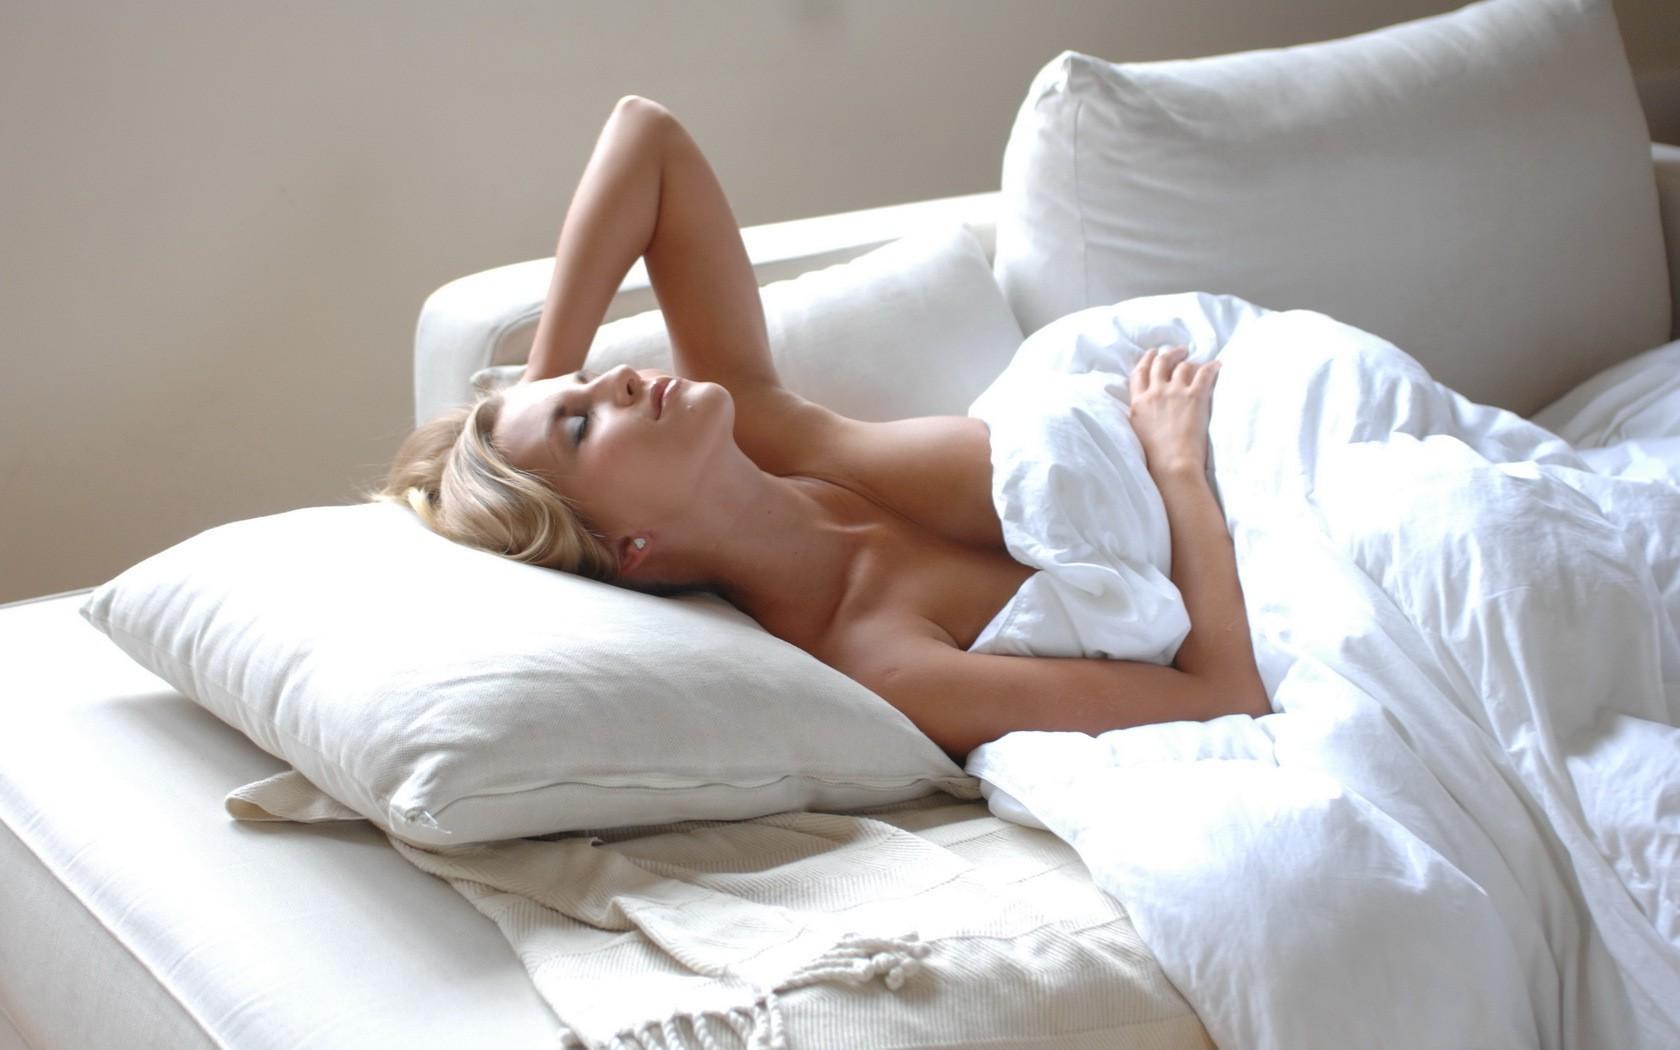 Хорошее фото девушек на кровате 12 фотография